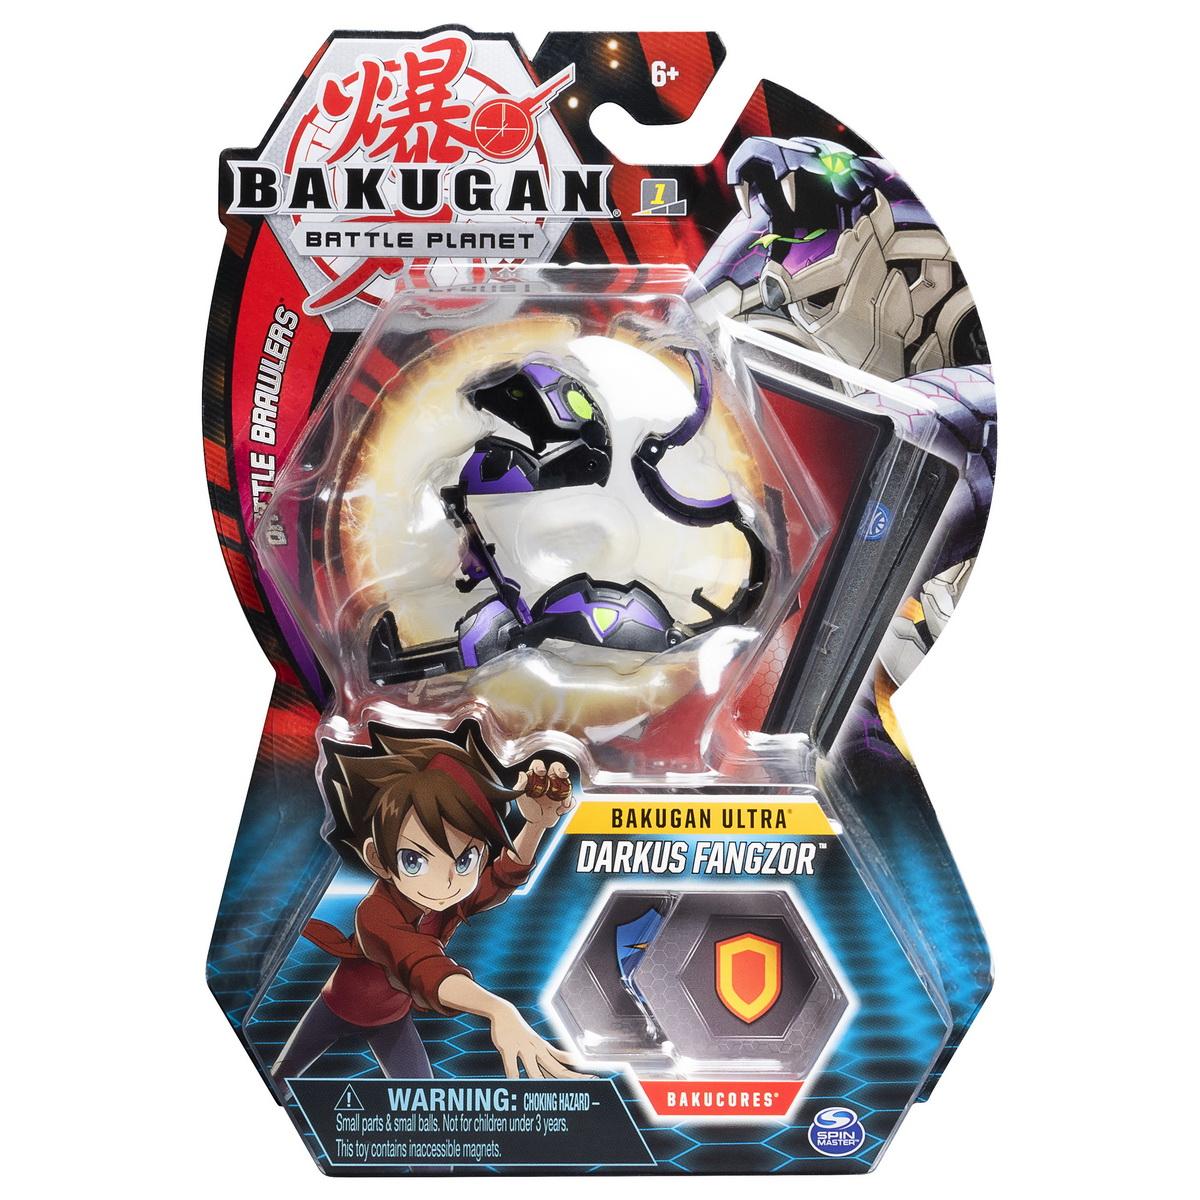 Bakugan Ultra Bila Darkus Fangzor